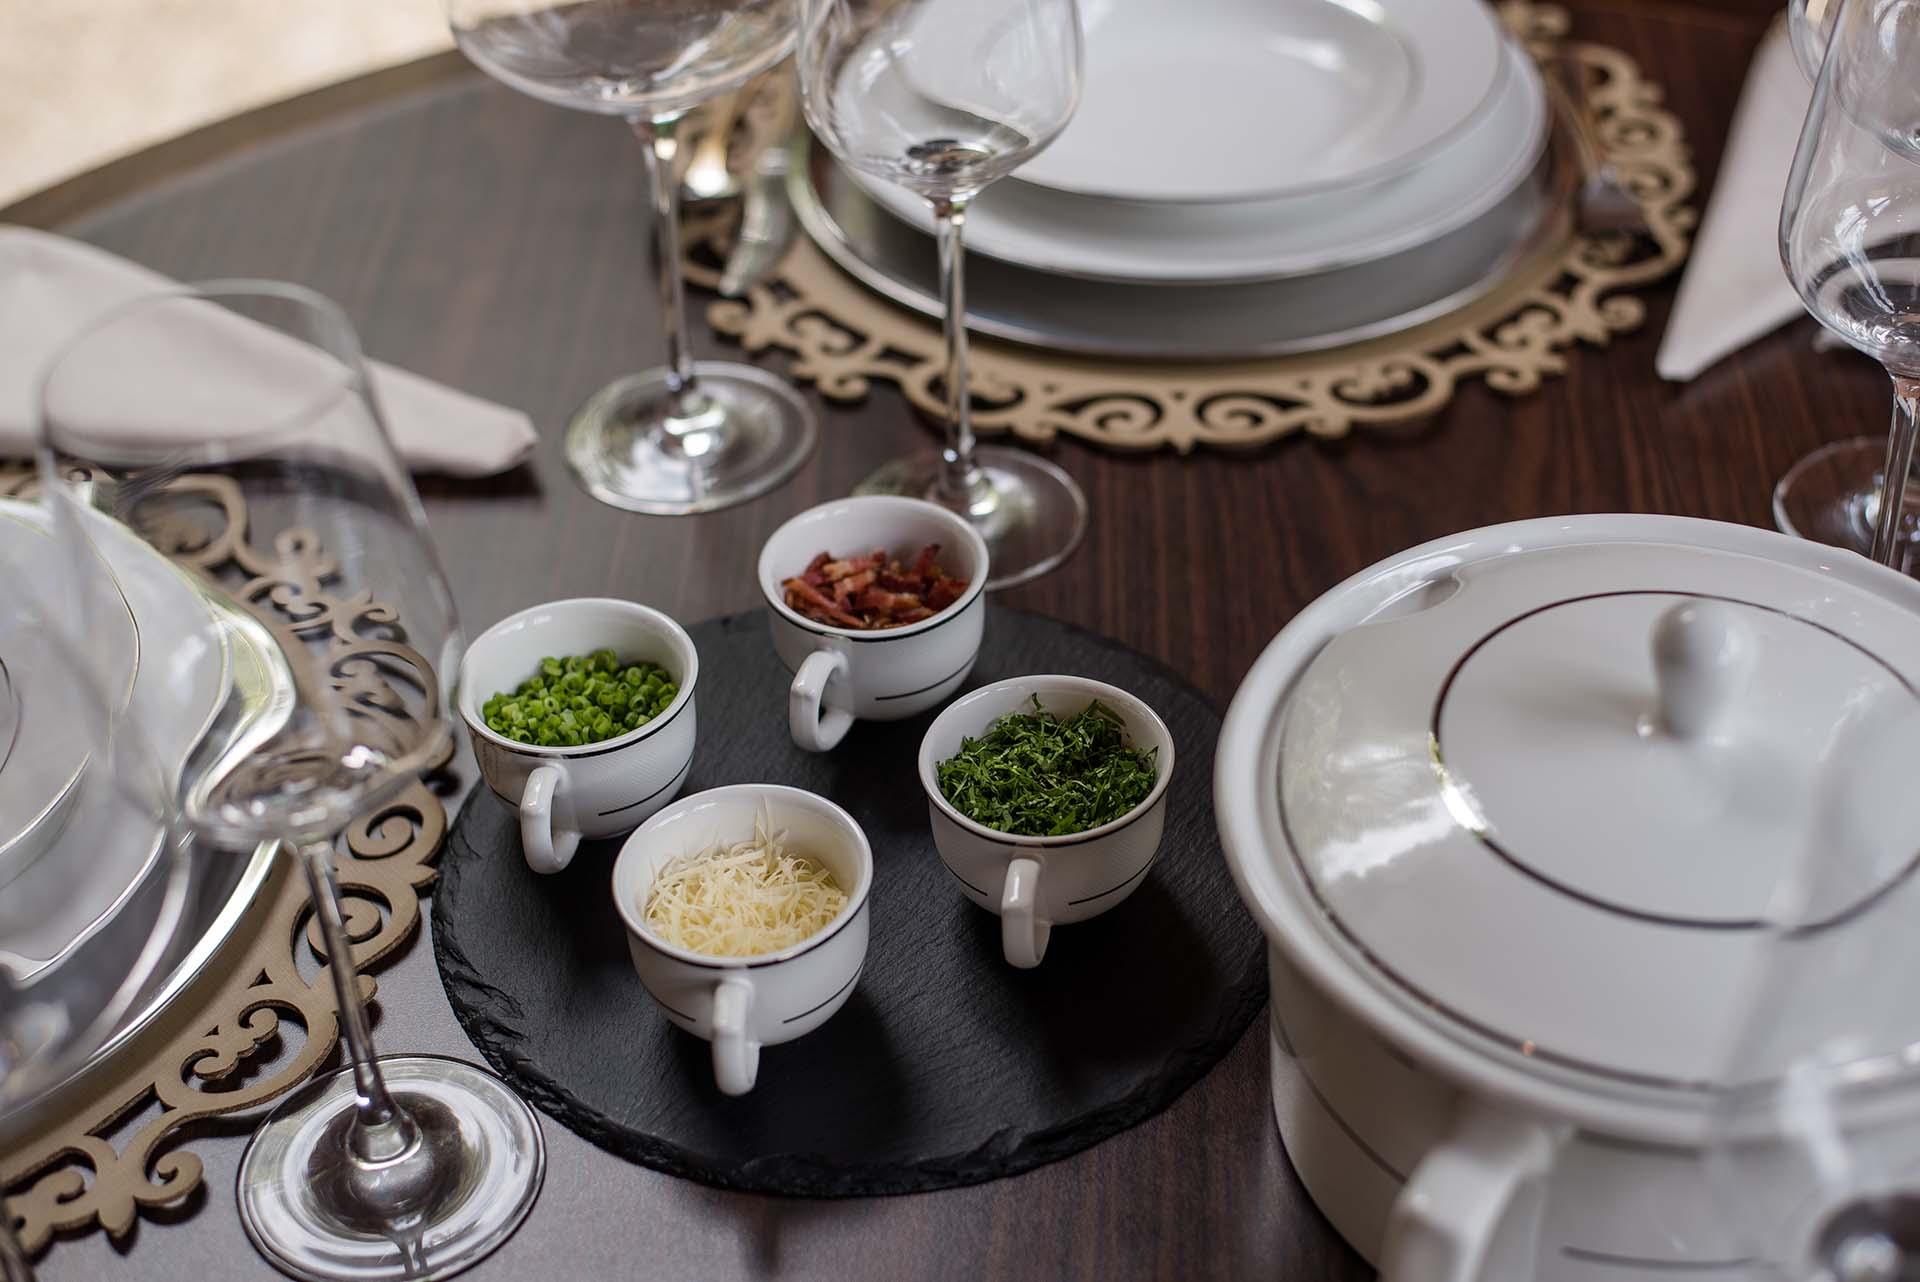 Texto: As xícaras de cafezinho da linha Flamingo, coleção Diamond, trouxeram estilo à mesa ao servirem os complementos para a sopa. Foto: Karla Rudnick.